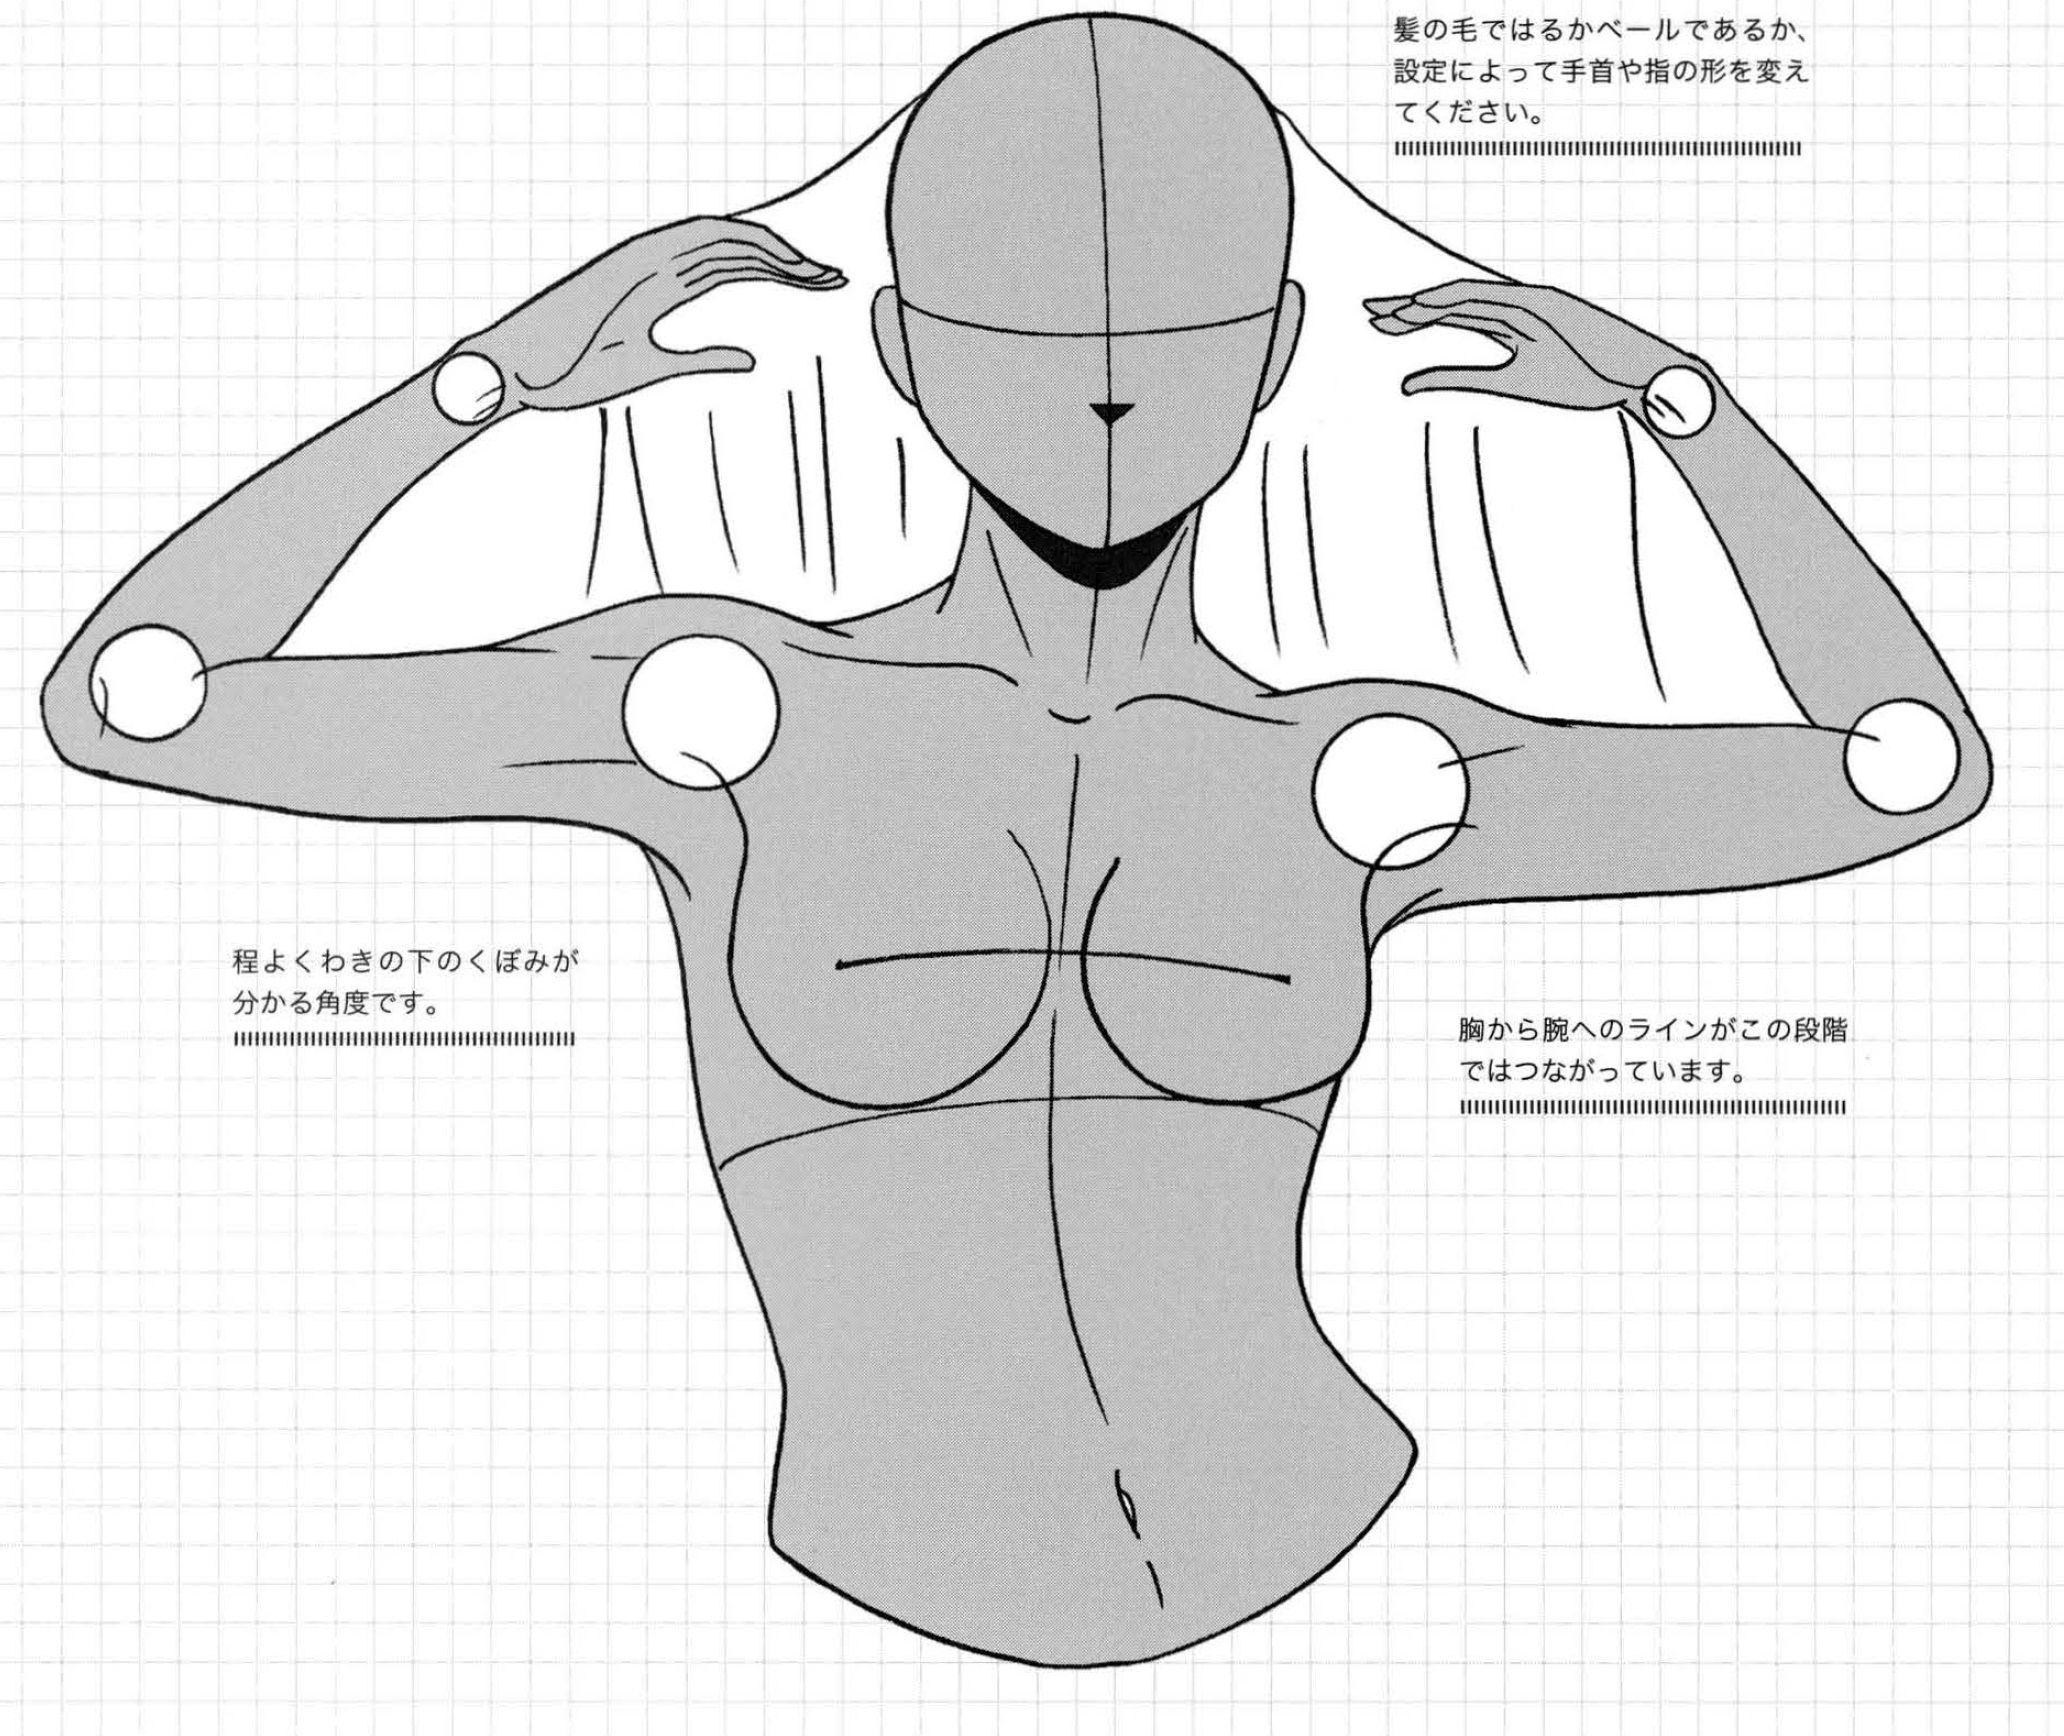 base_model_38_by_fvsj-d5ebbs3.jpg 2,064×1,736 pixels | Dessins de gestes, Croquis d'anatomie